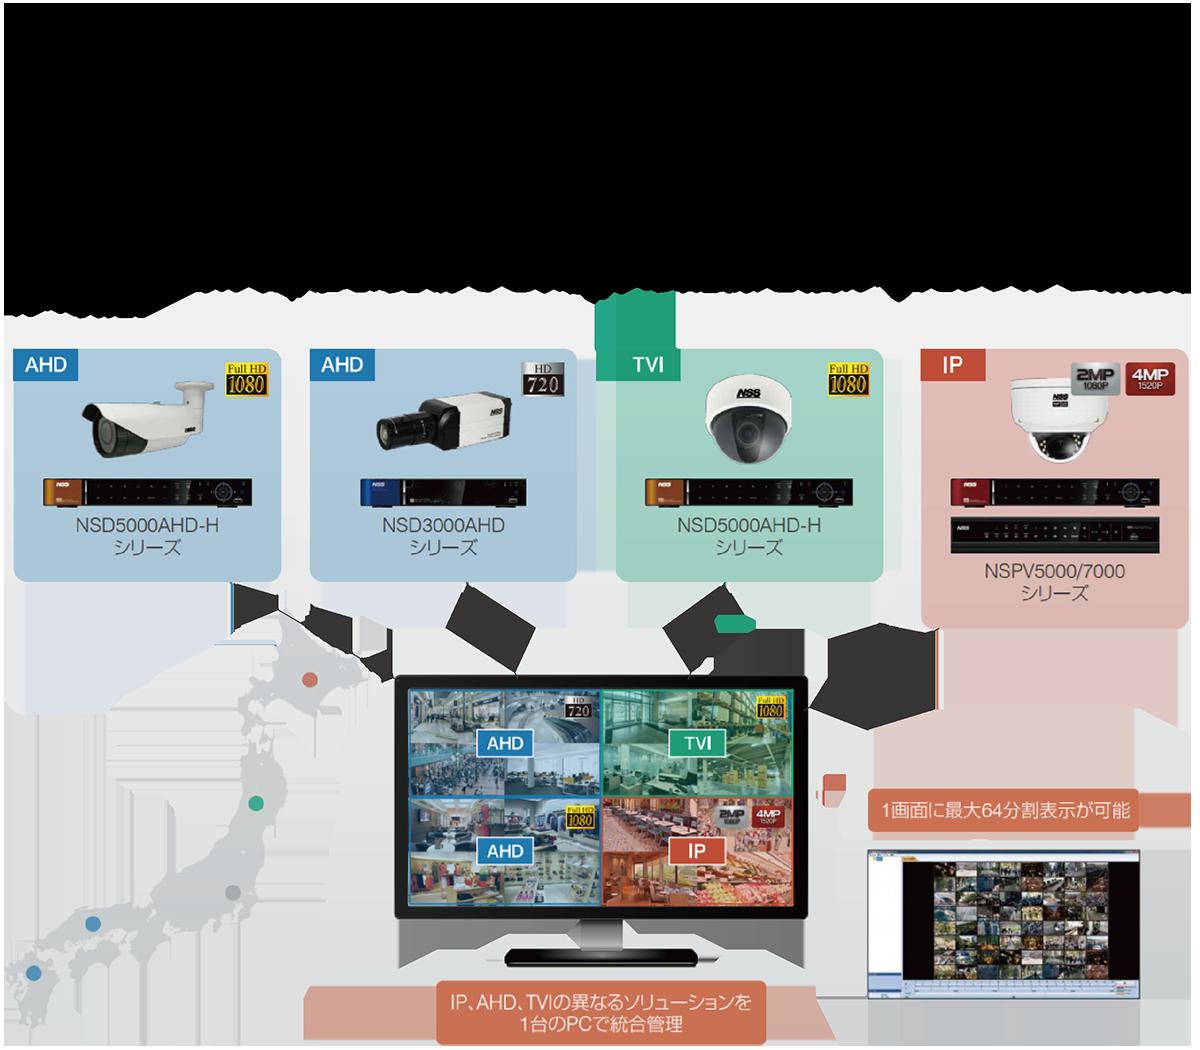 さらにアプリをインストールすることでスマートフォンでもライブ映像が確認できます。 配線の入替が困難な現場でも、既存の配線を活かしたシステム構築が可能。